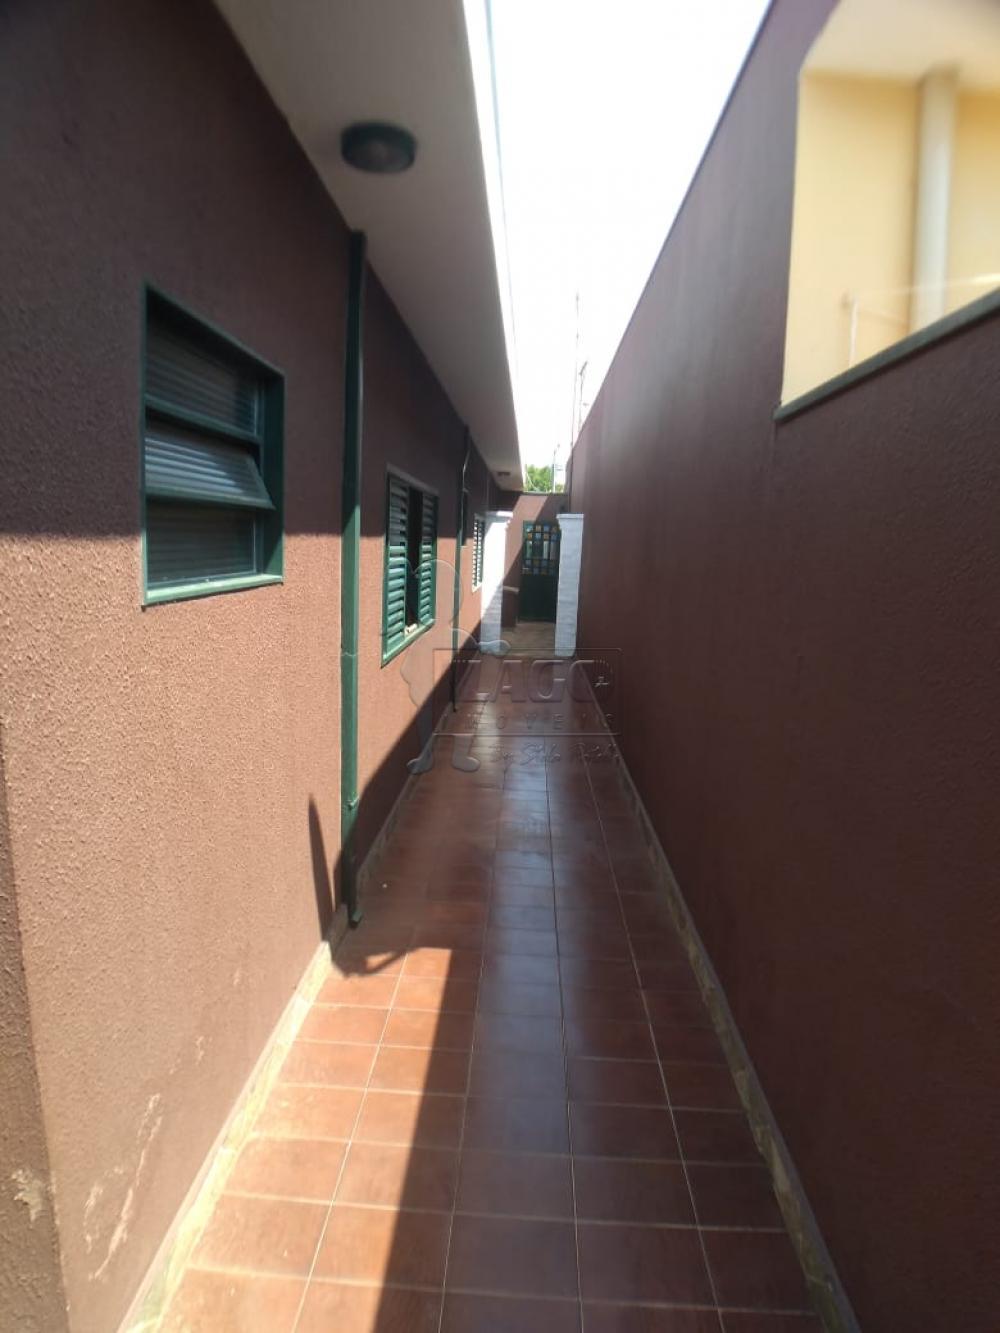 Alugar Casas / Padrão em Ribeirão Preto apenas R$ 1.800,00 - Foto 12